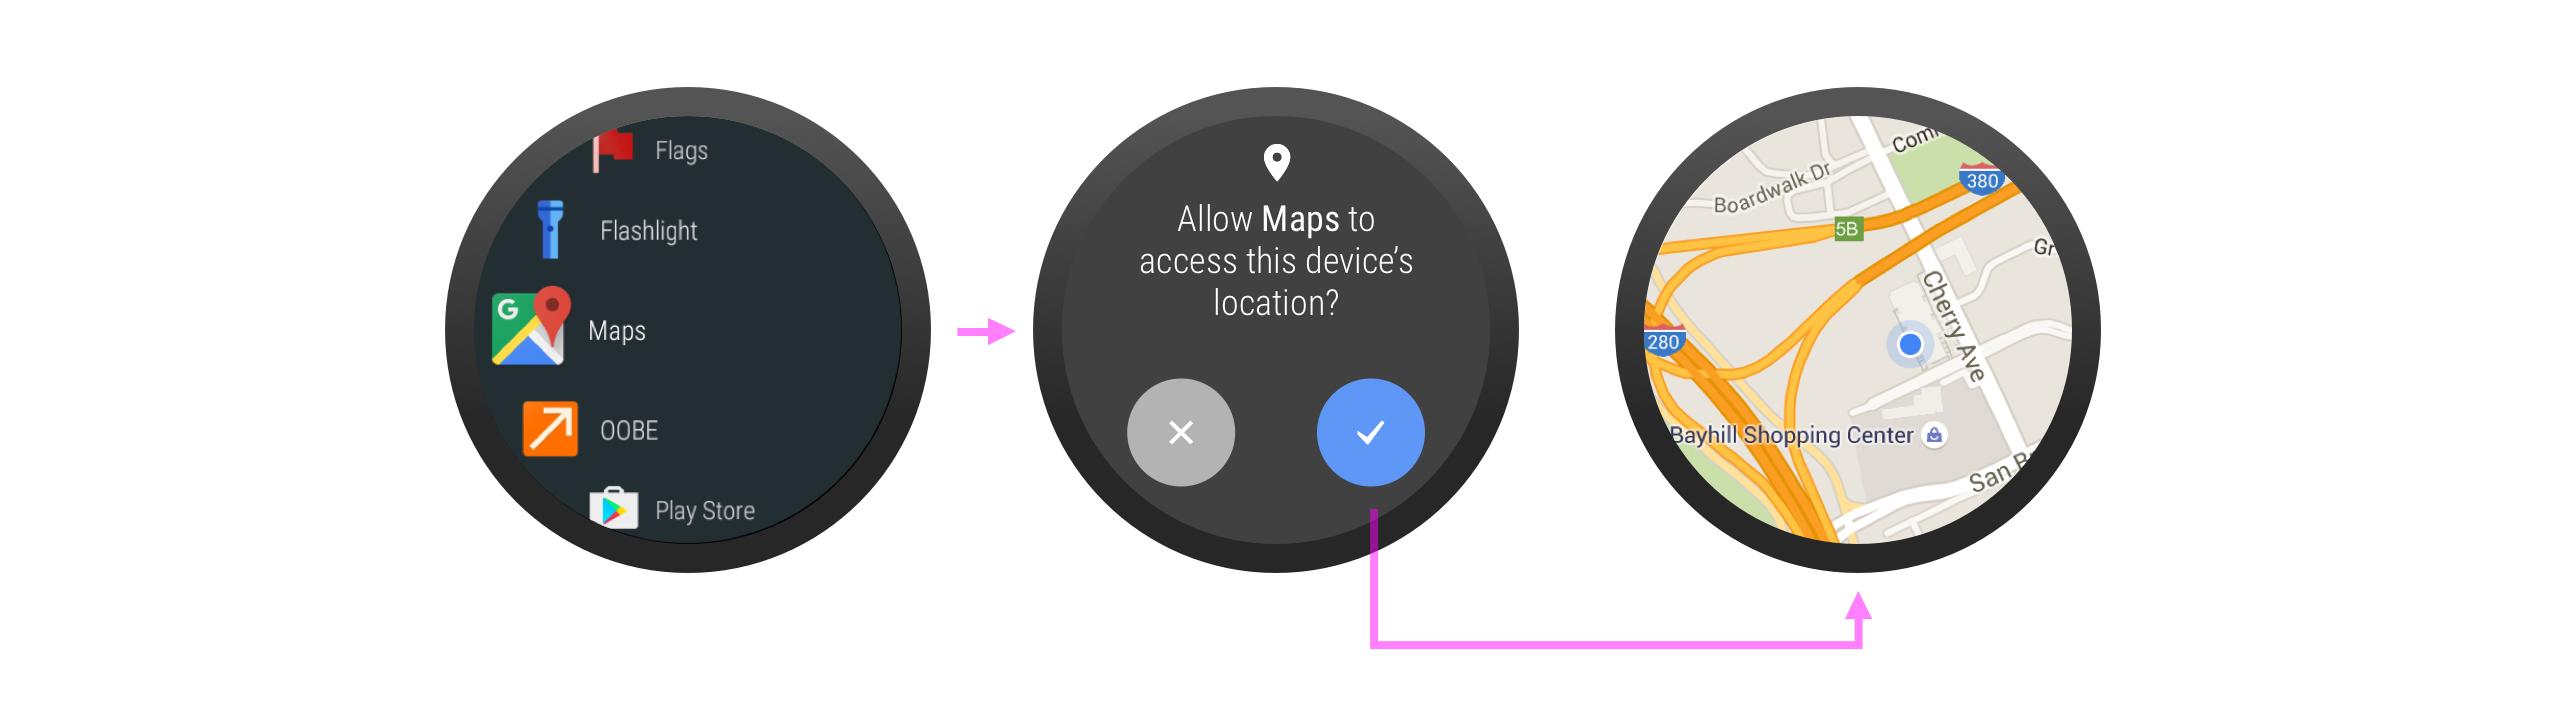 アプリを実行するうえでパーミッションの必要性が明白な場合、起動時にパーミッションをリクエストすることができます。